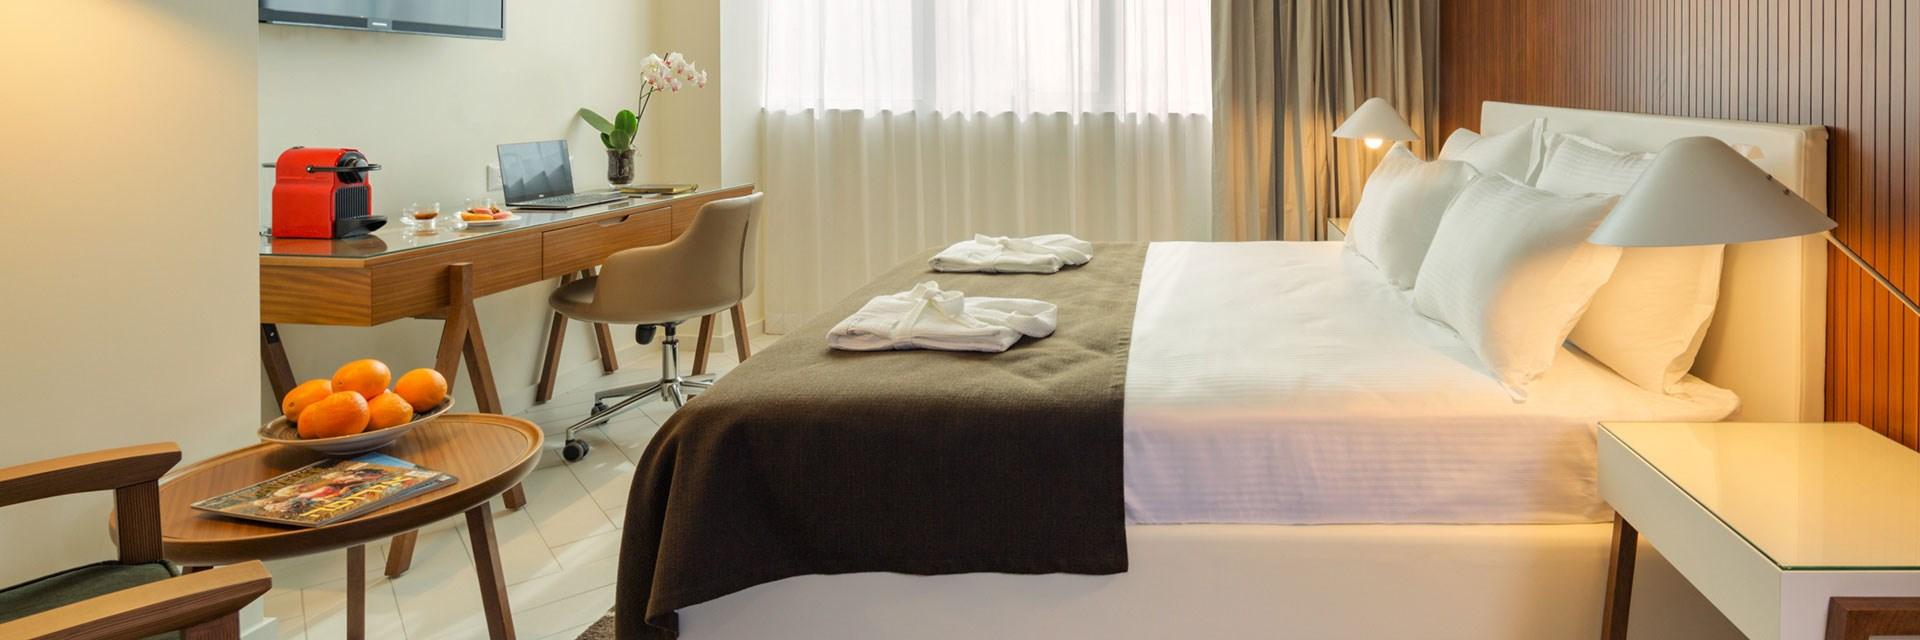 普瑞玛千禧酒店 - Executive Room